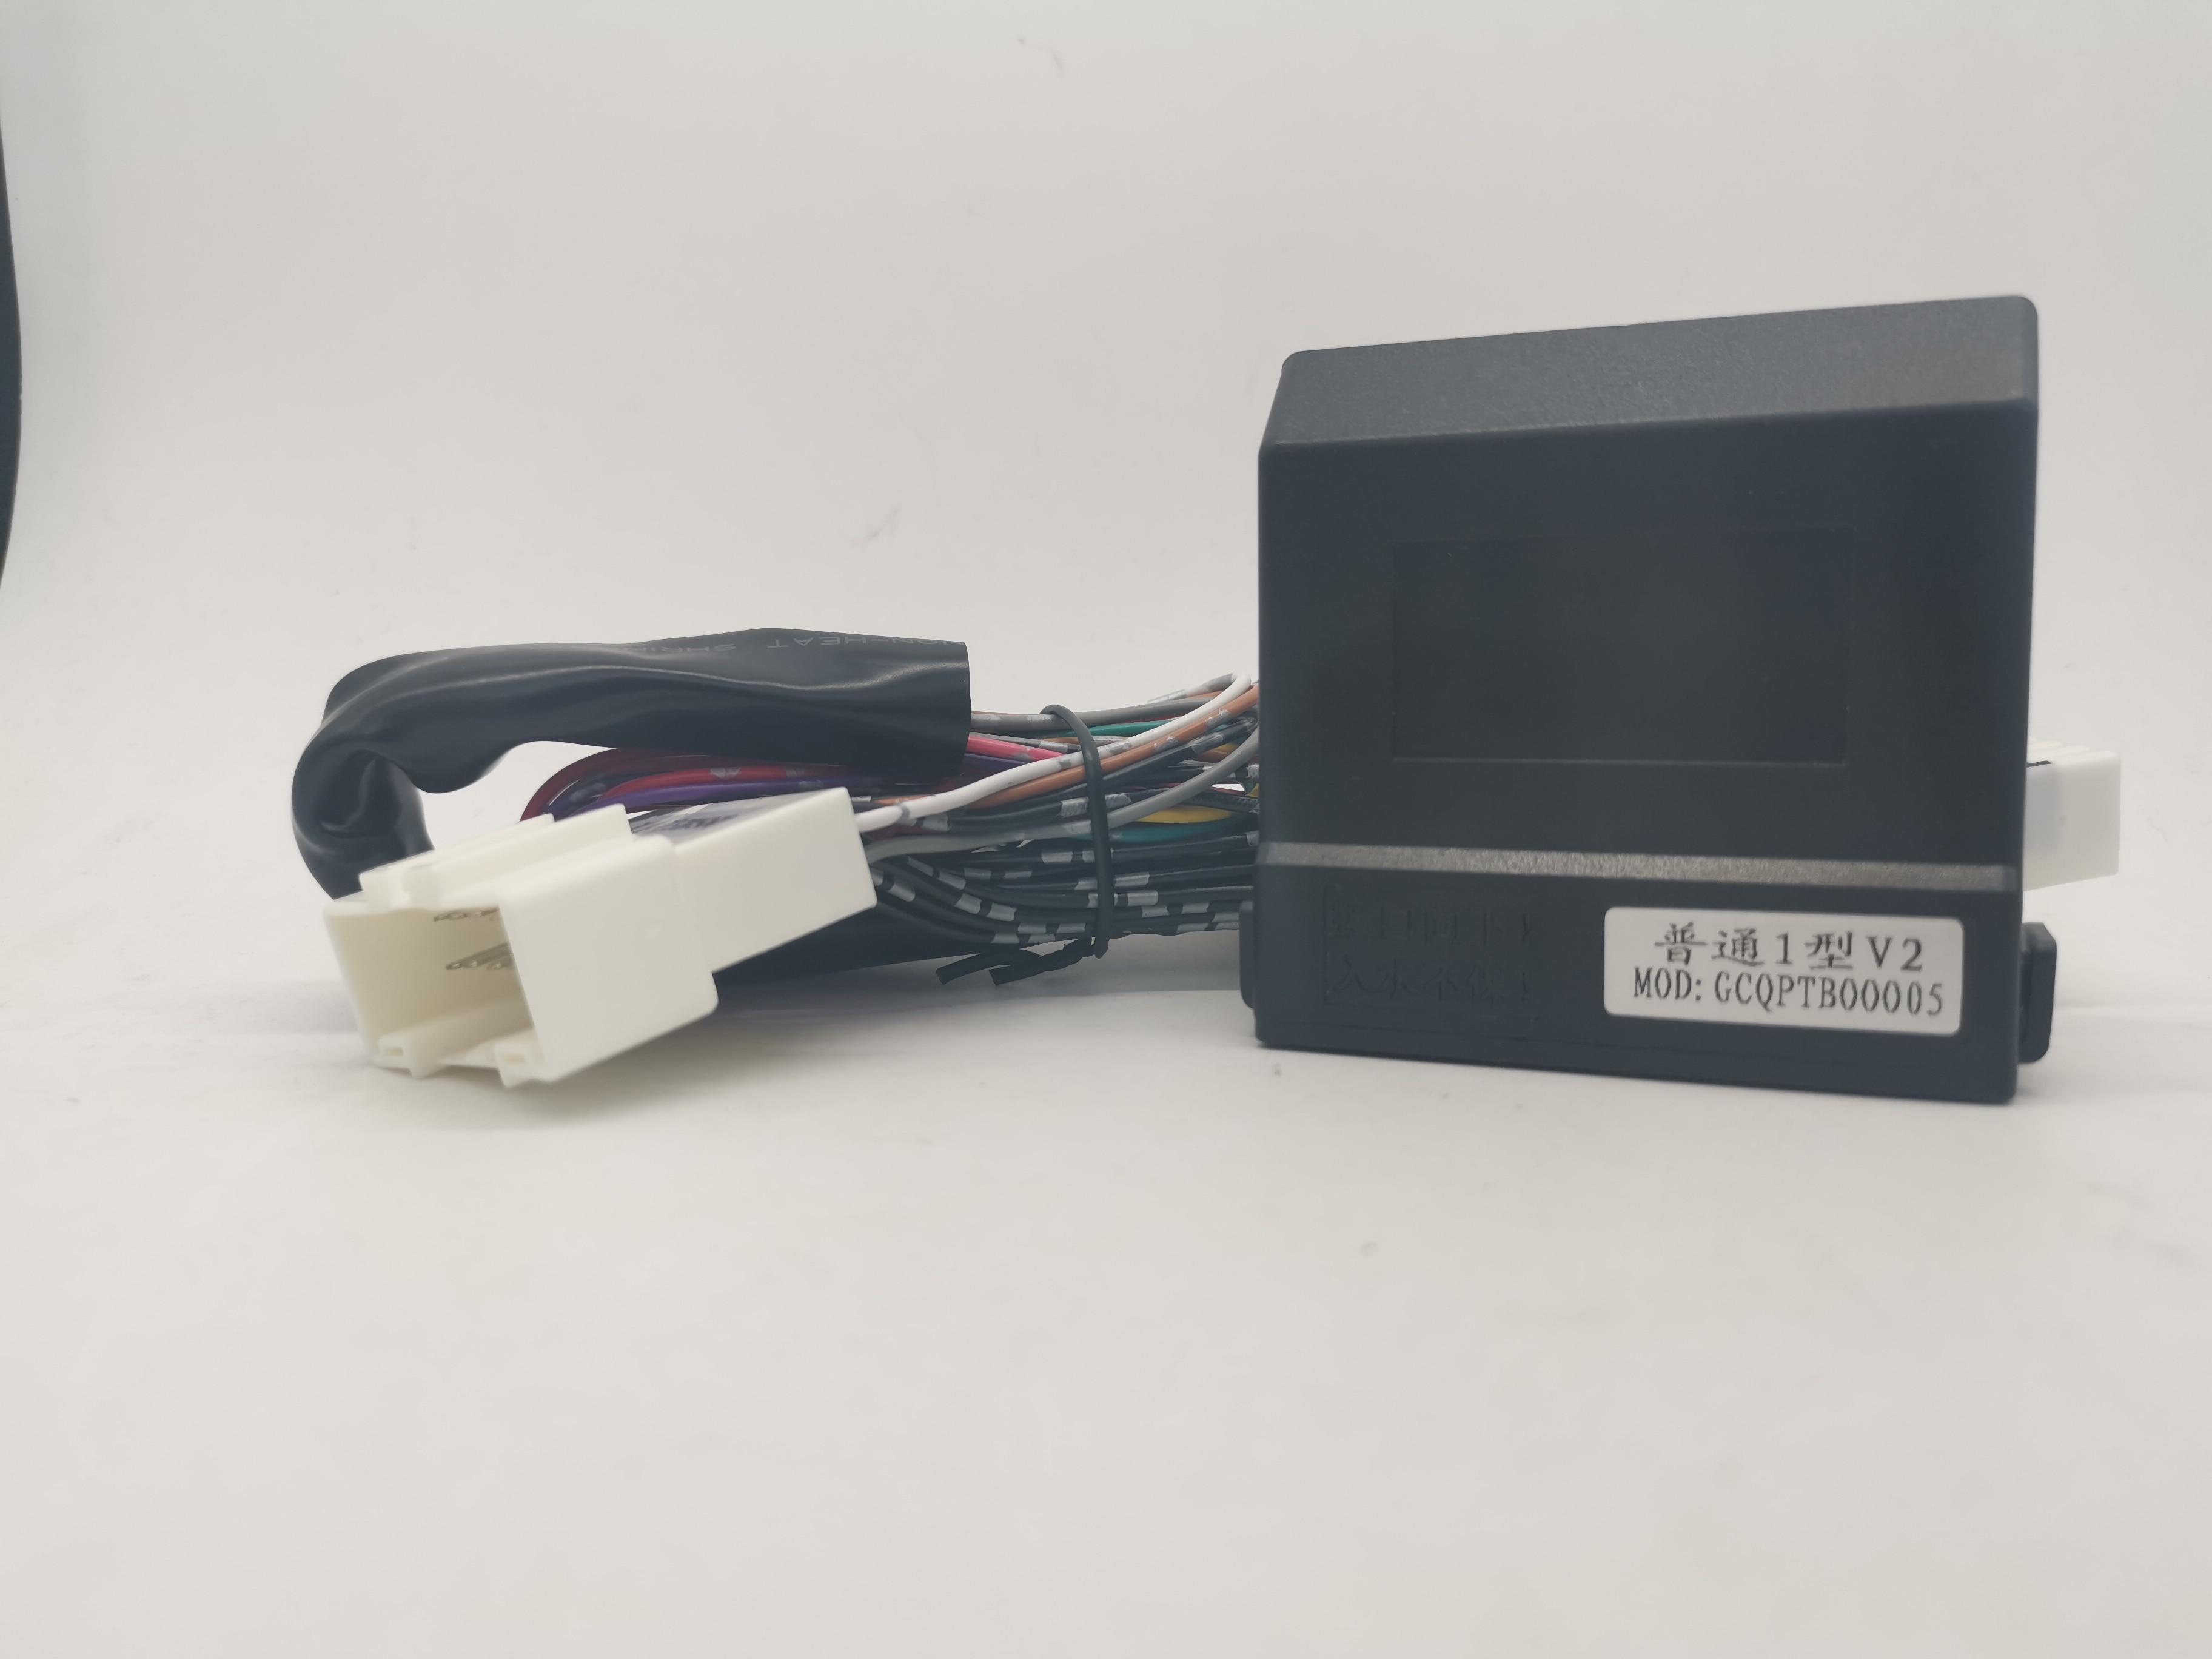 Cierre automático de ventanilla eléctrica de coche 1 por 1Kit para Nissan x-trail/Qashqai /Tidda/Teana/Muanro/Sylphy